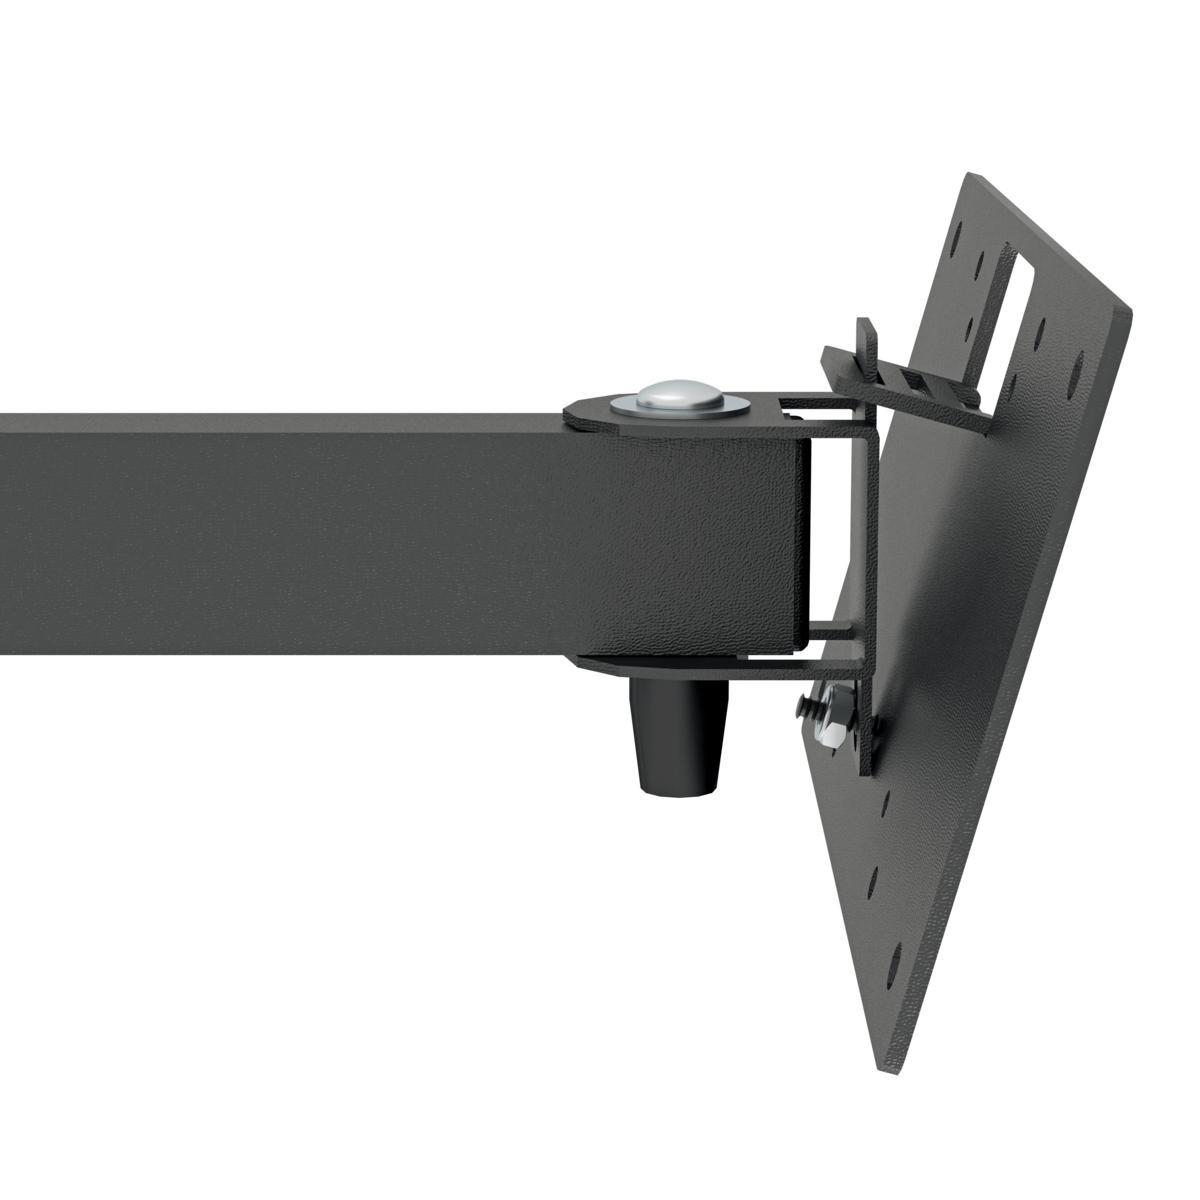 Suporte Articulado com inclinação para TV LCD/LED 14 A 56 Pol + dvd Super HD COMBO